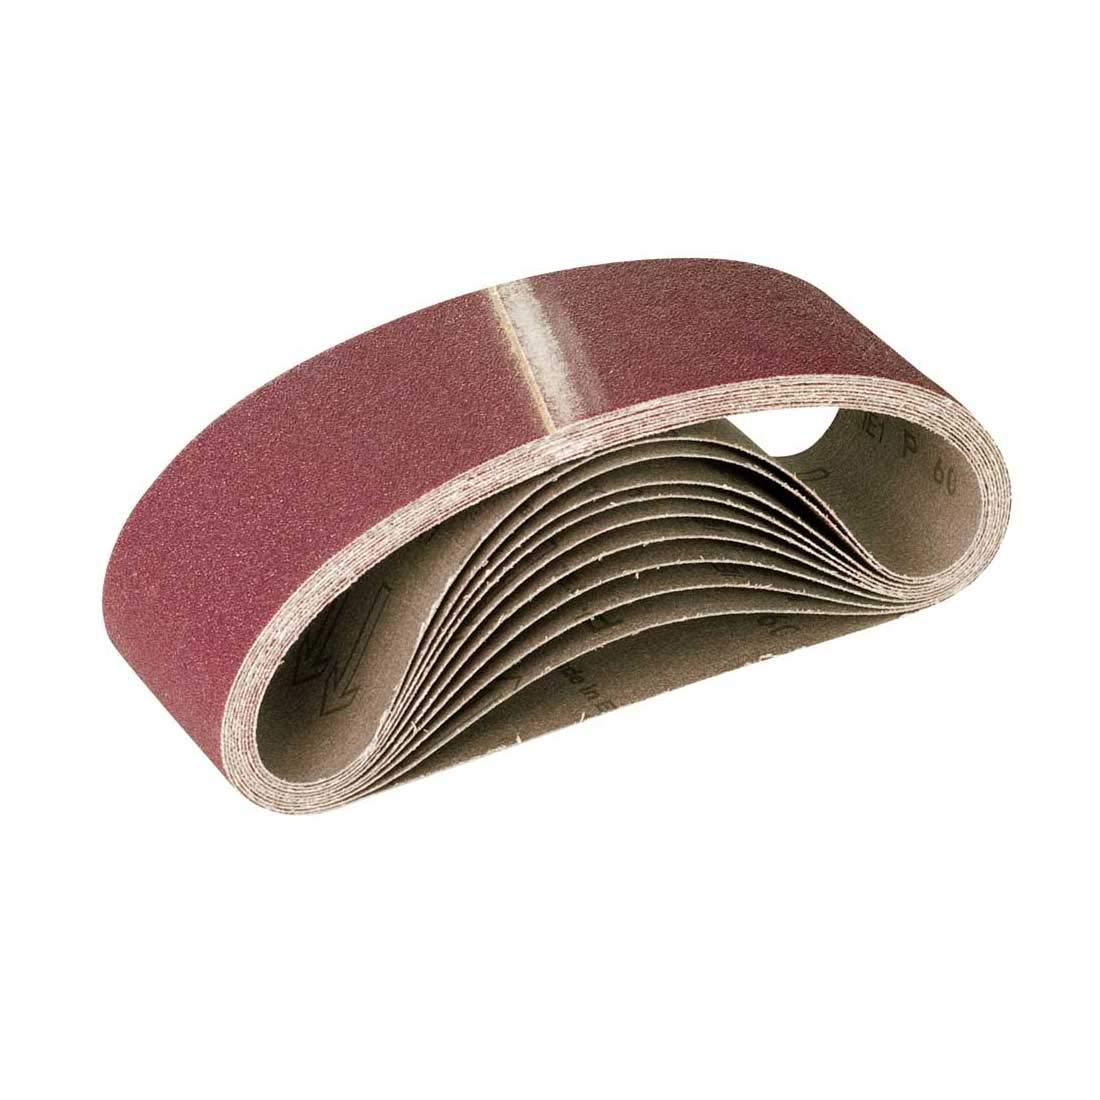 Lot de 10 MioTools Bandes Abrasives pour Ponceuse /à Bande Grain 60 533 x 75 mm